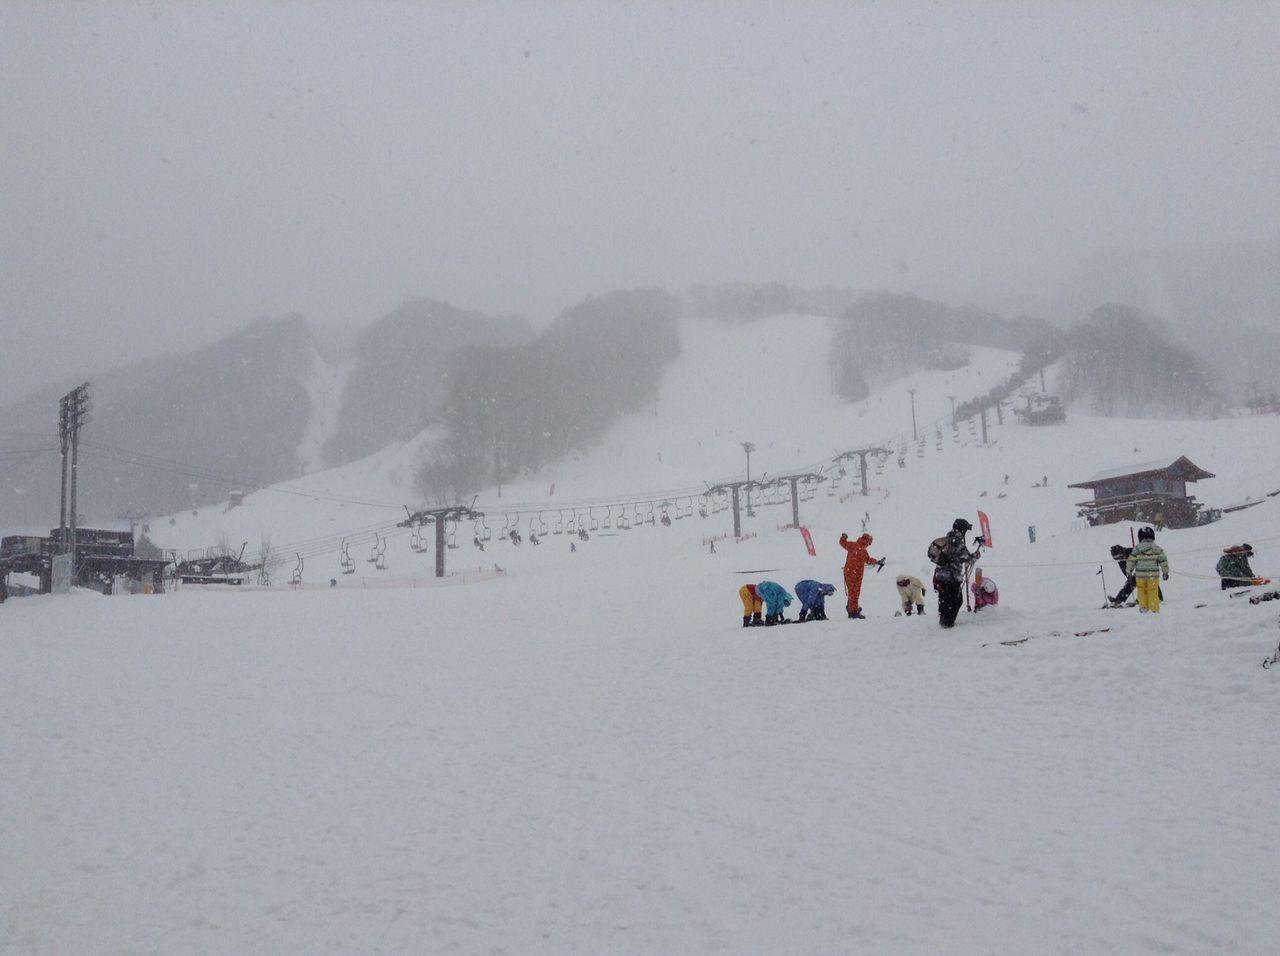 スノーボードあるある。